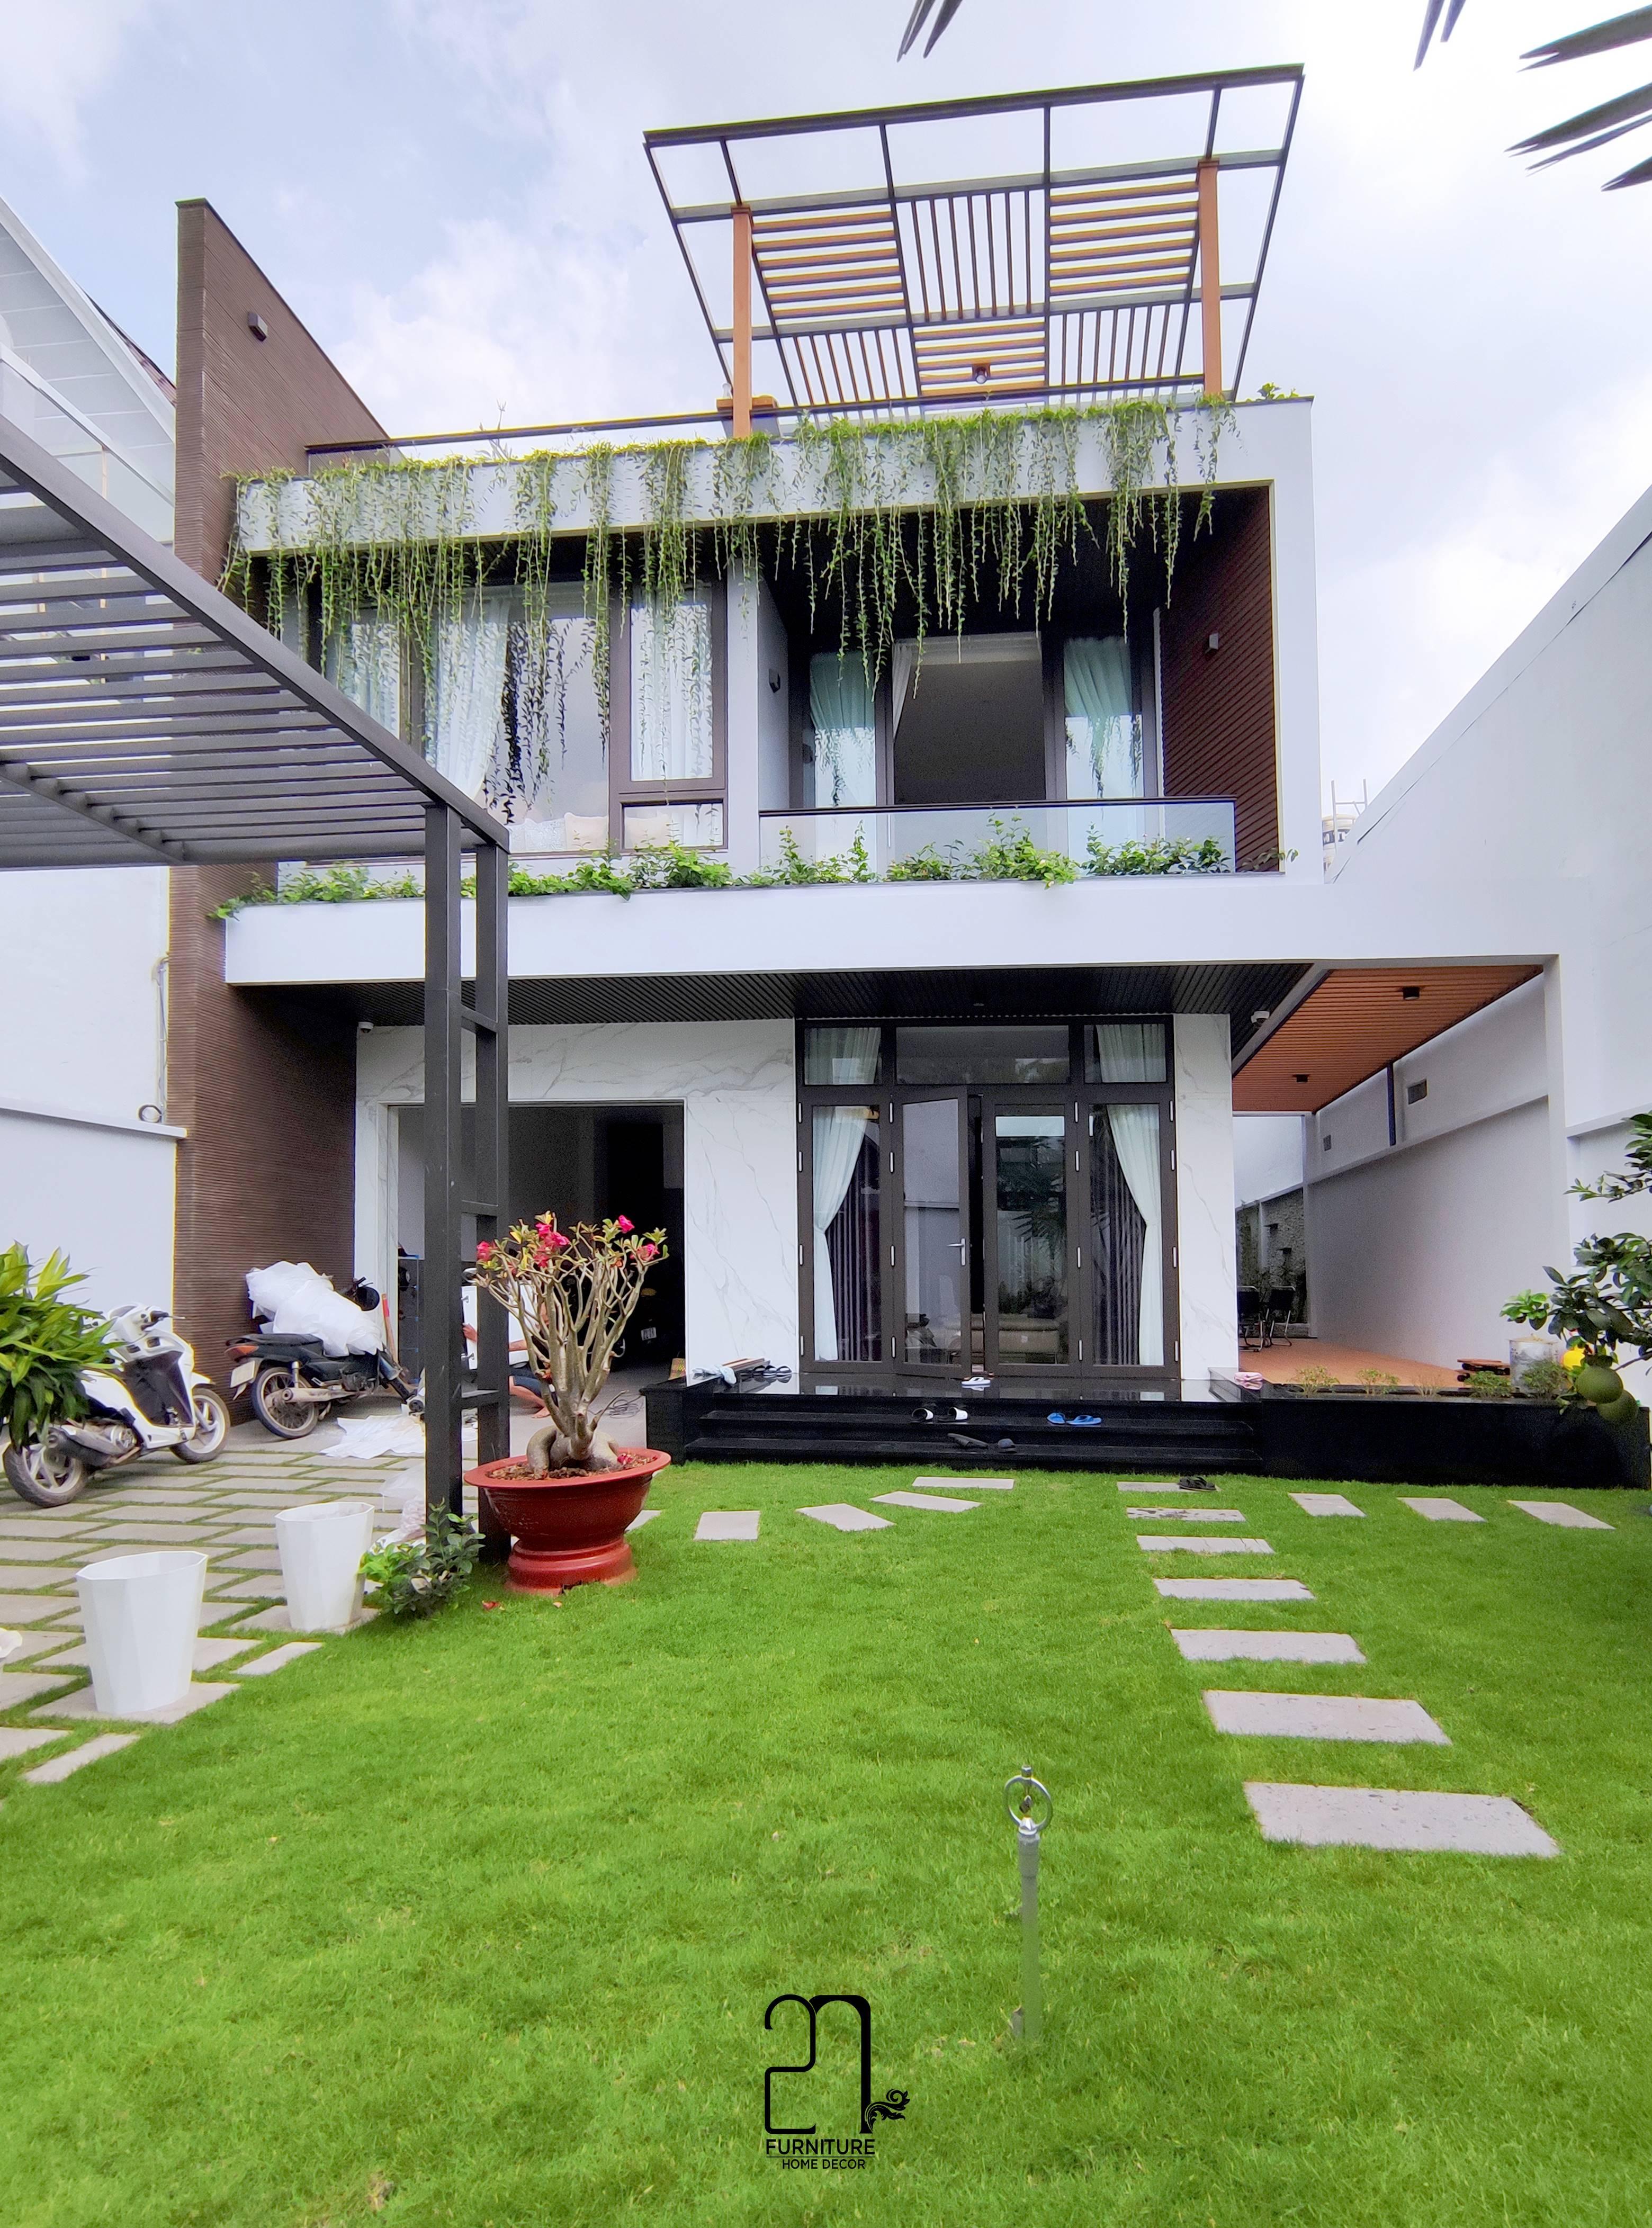 Thiết kế Biệt Thự tại Đồng Nai Thiết kế thi công biệt thự phố Biên Hòa 1631351895 8